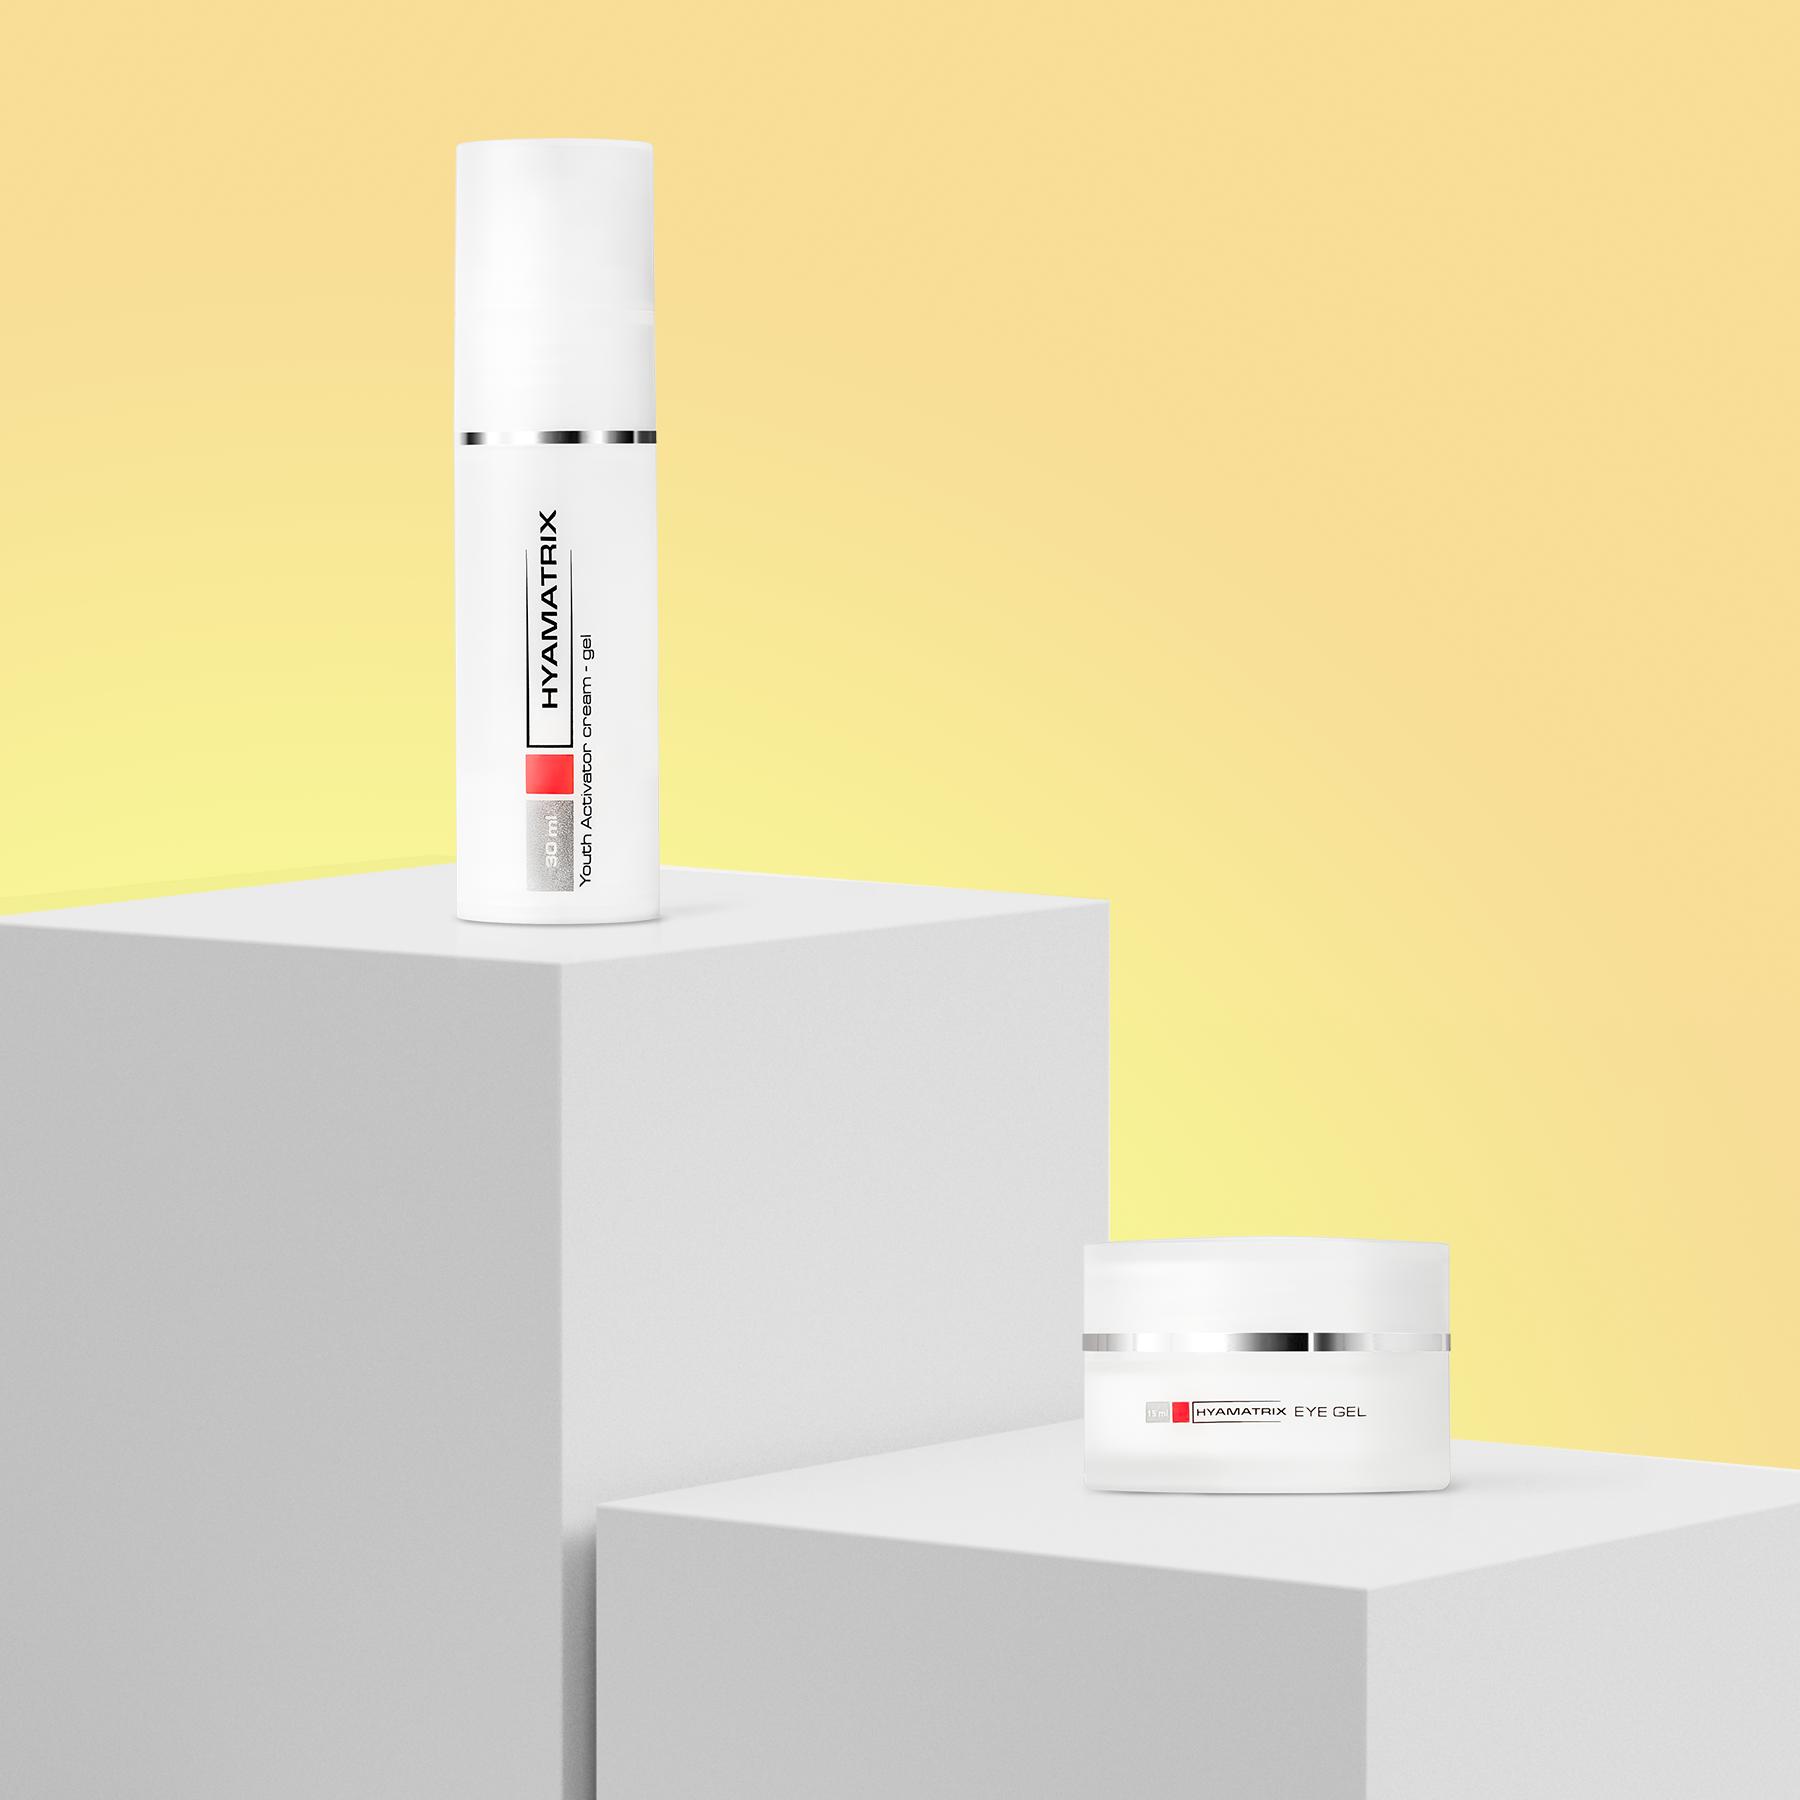 Express DUO - Skin Care Kit